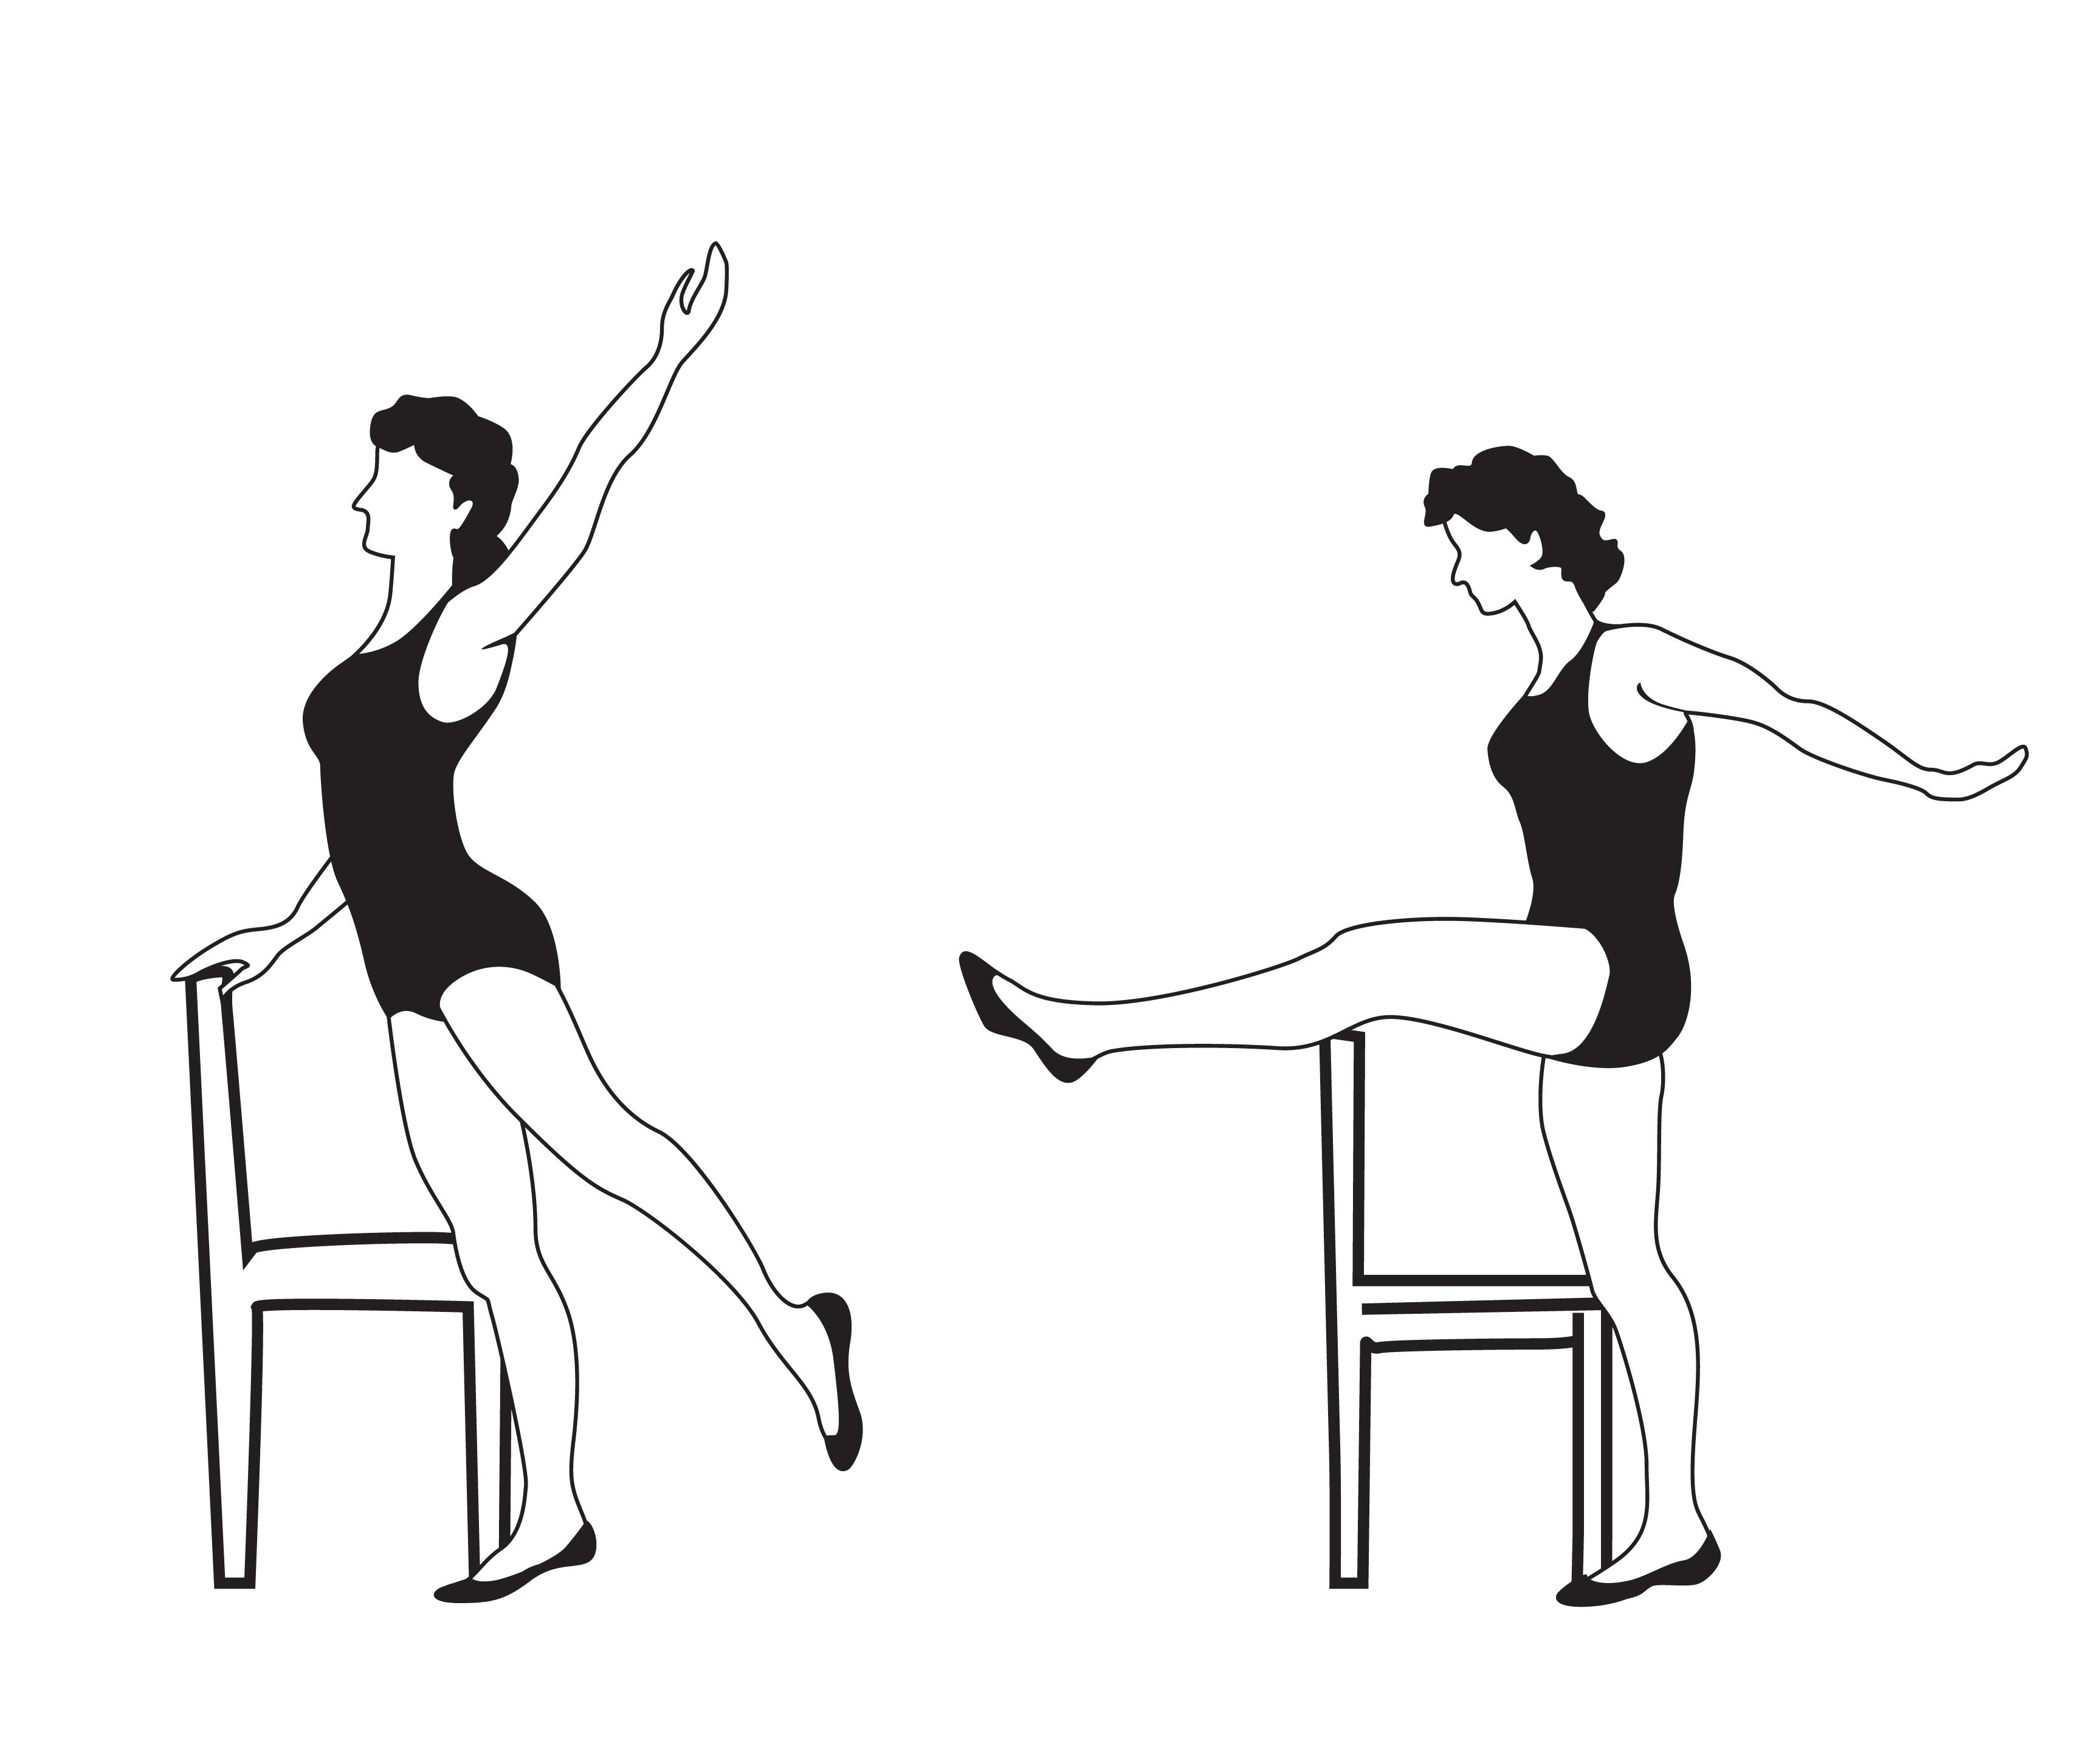 Elegant women silhouettes doing fitness exercises. Fitness